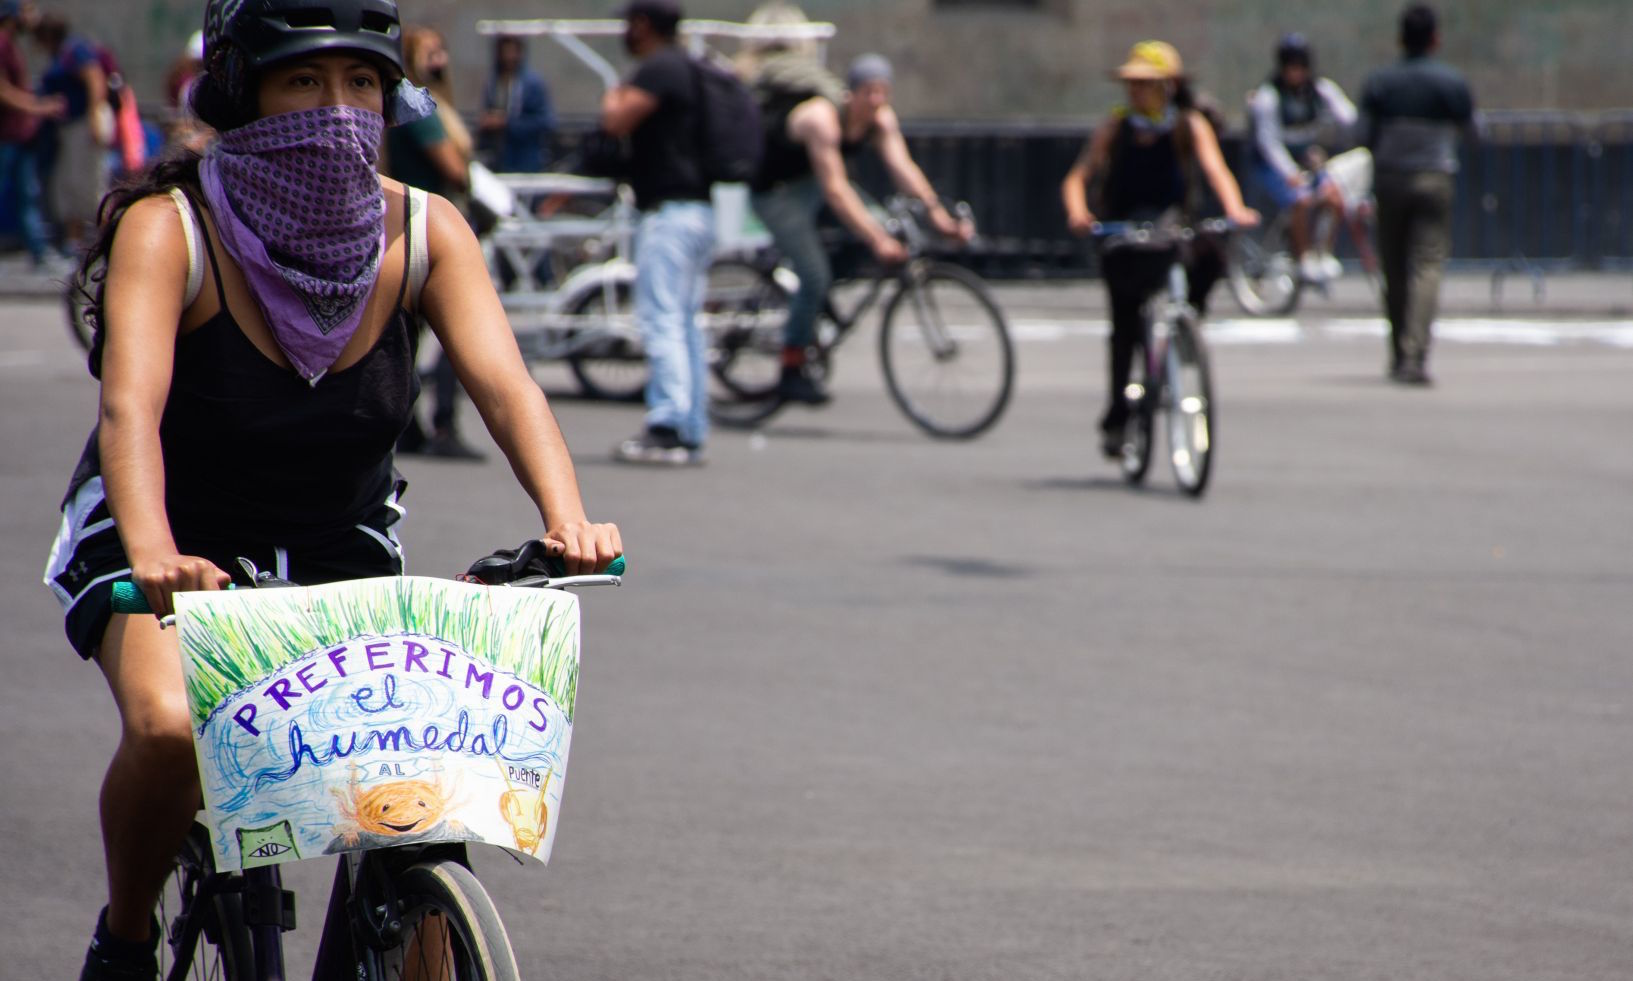 Ciclistas denuncian agresiones durante protesta #YoProtejoElHumedal, en Xochimilco (Ciudad de México)